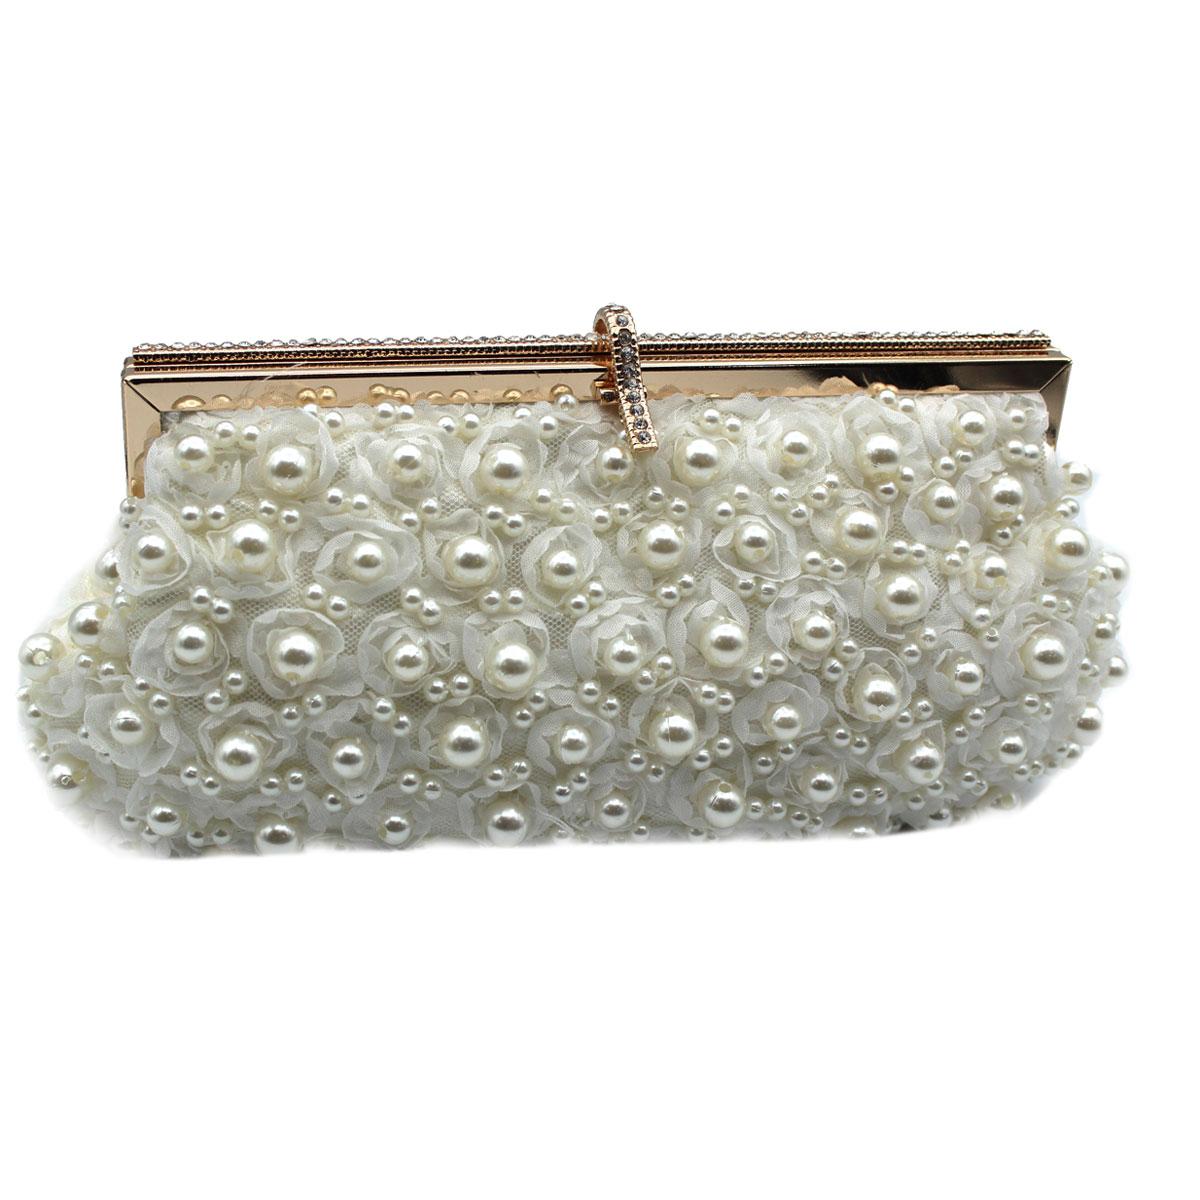 2dd3654c21 Borsetta donna pochette da sera clutch con perline MICHELLE MOON v4509 oro